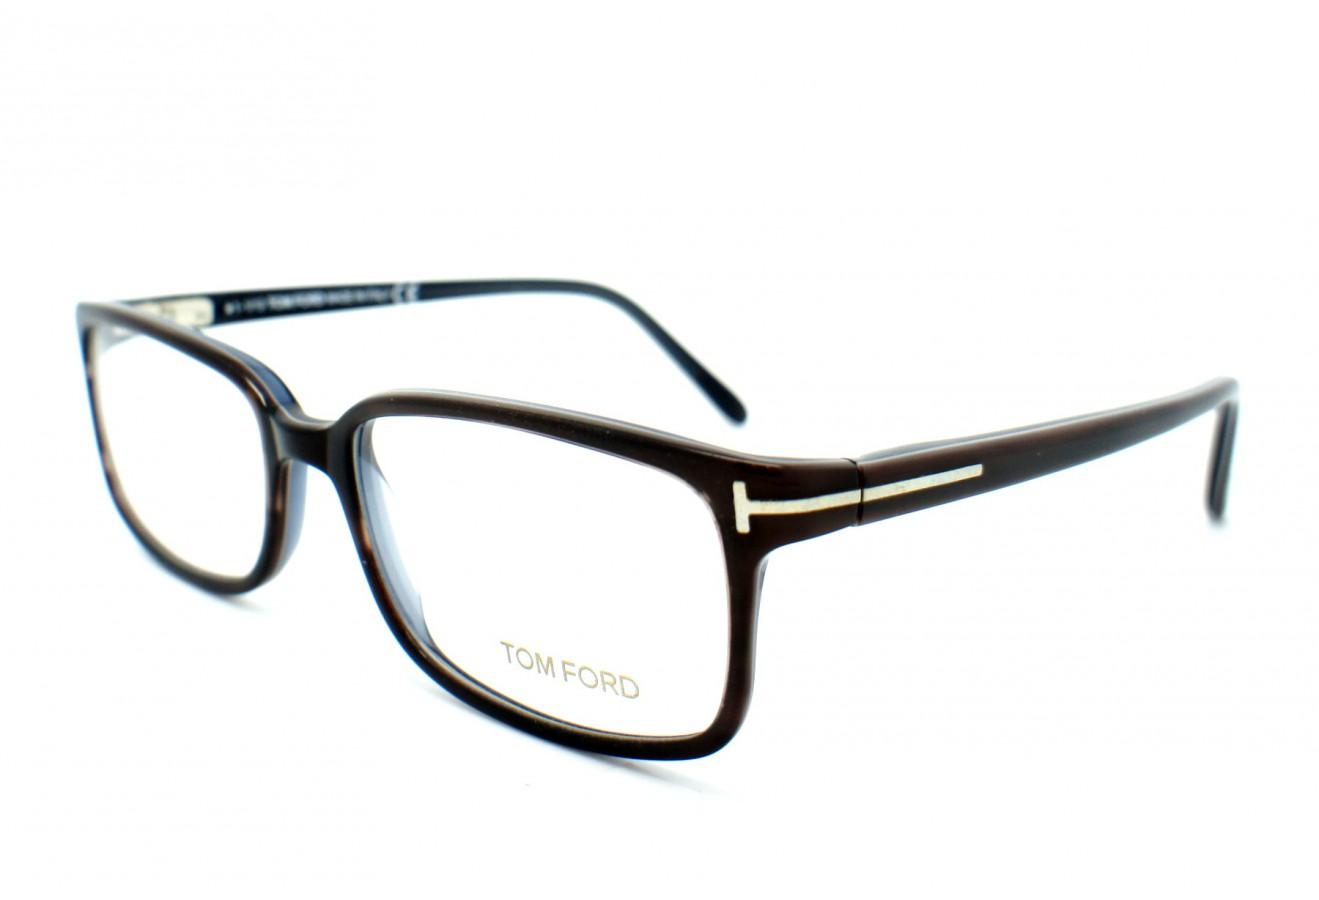 Être tendance et classe avec une lunette de vue